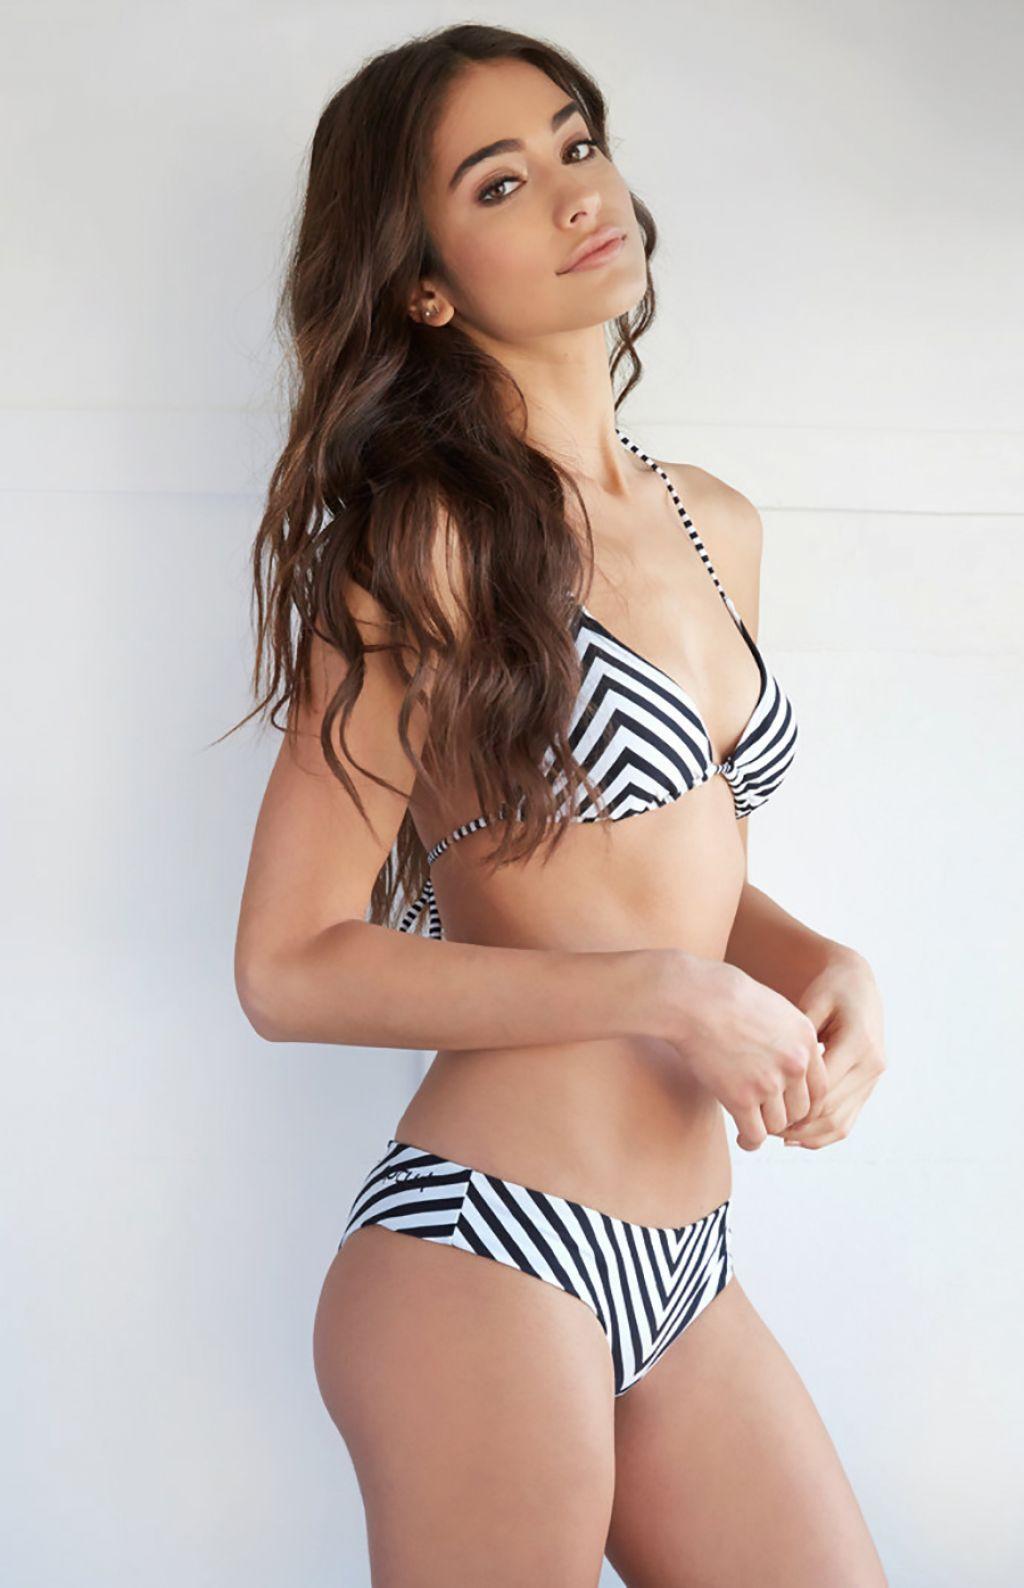 in bikini ICloud Dana Delany naked photo 2017